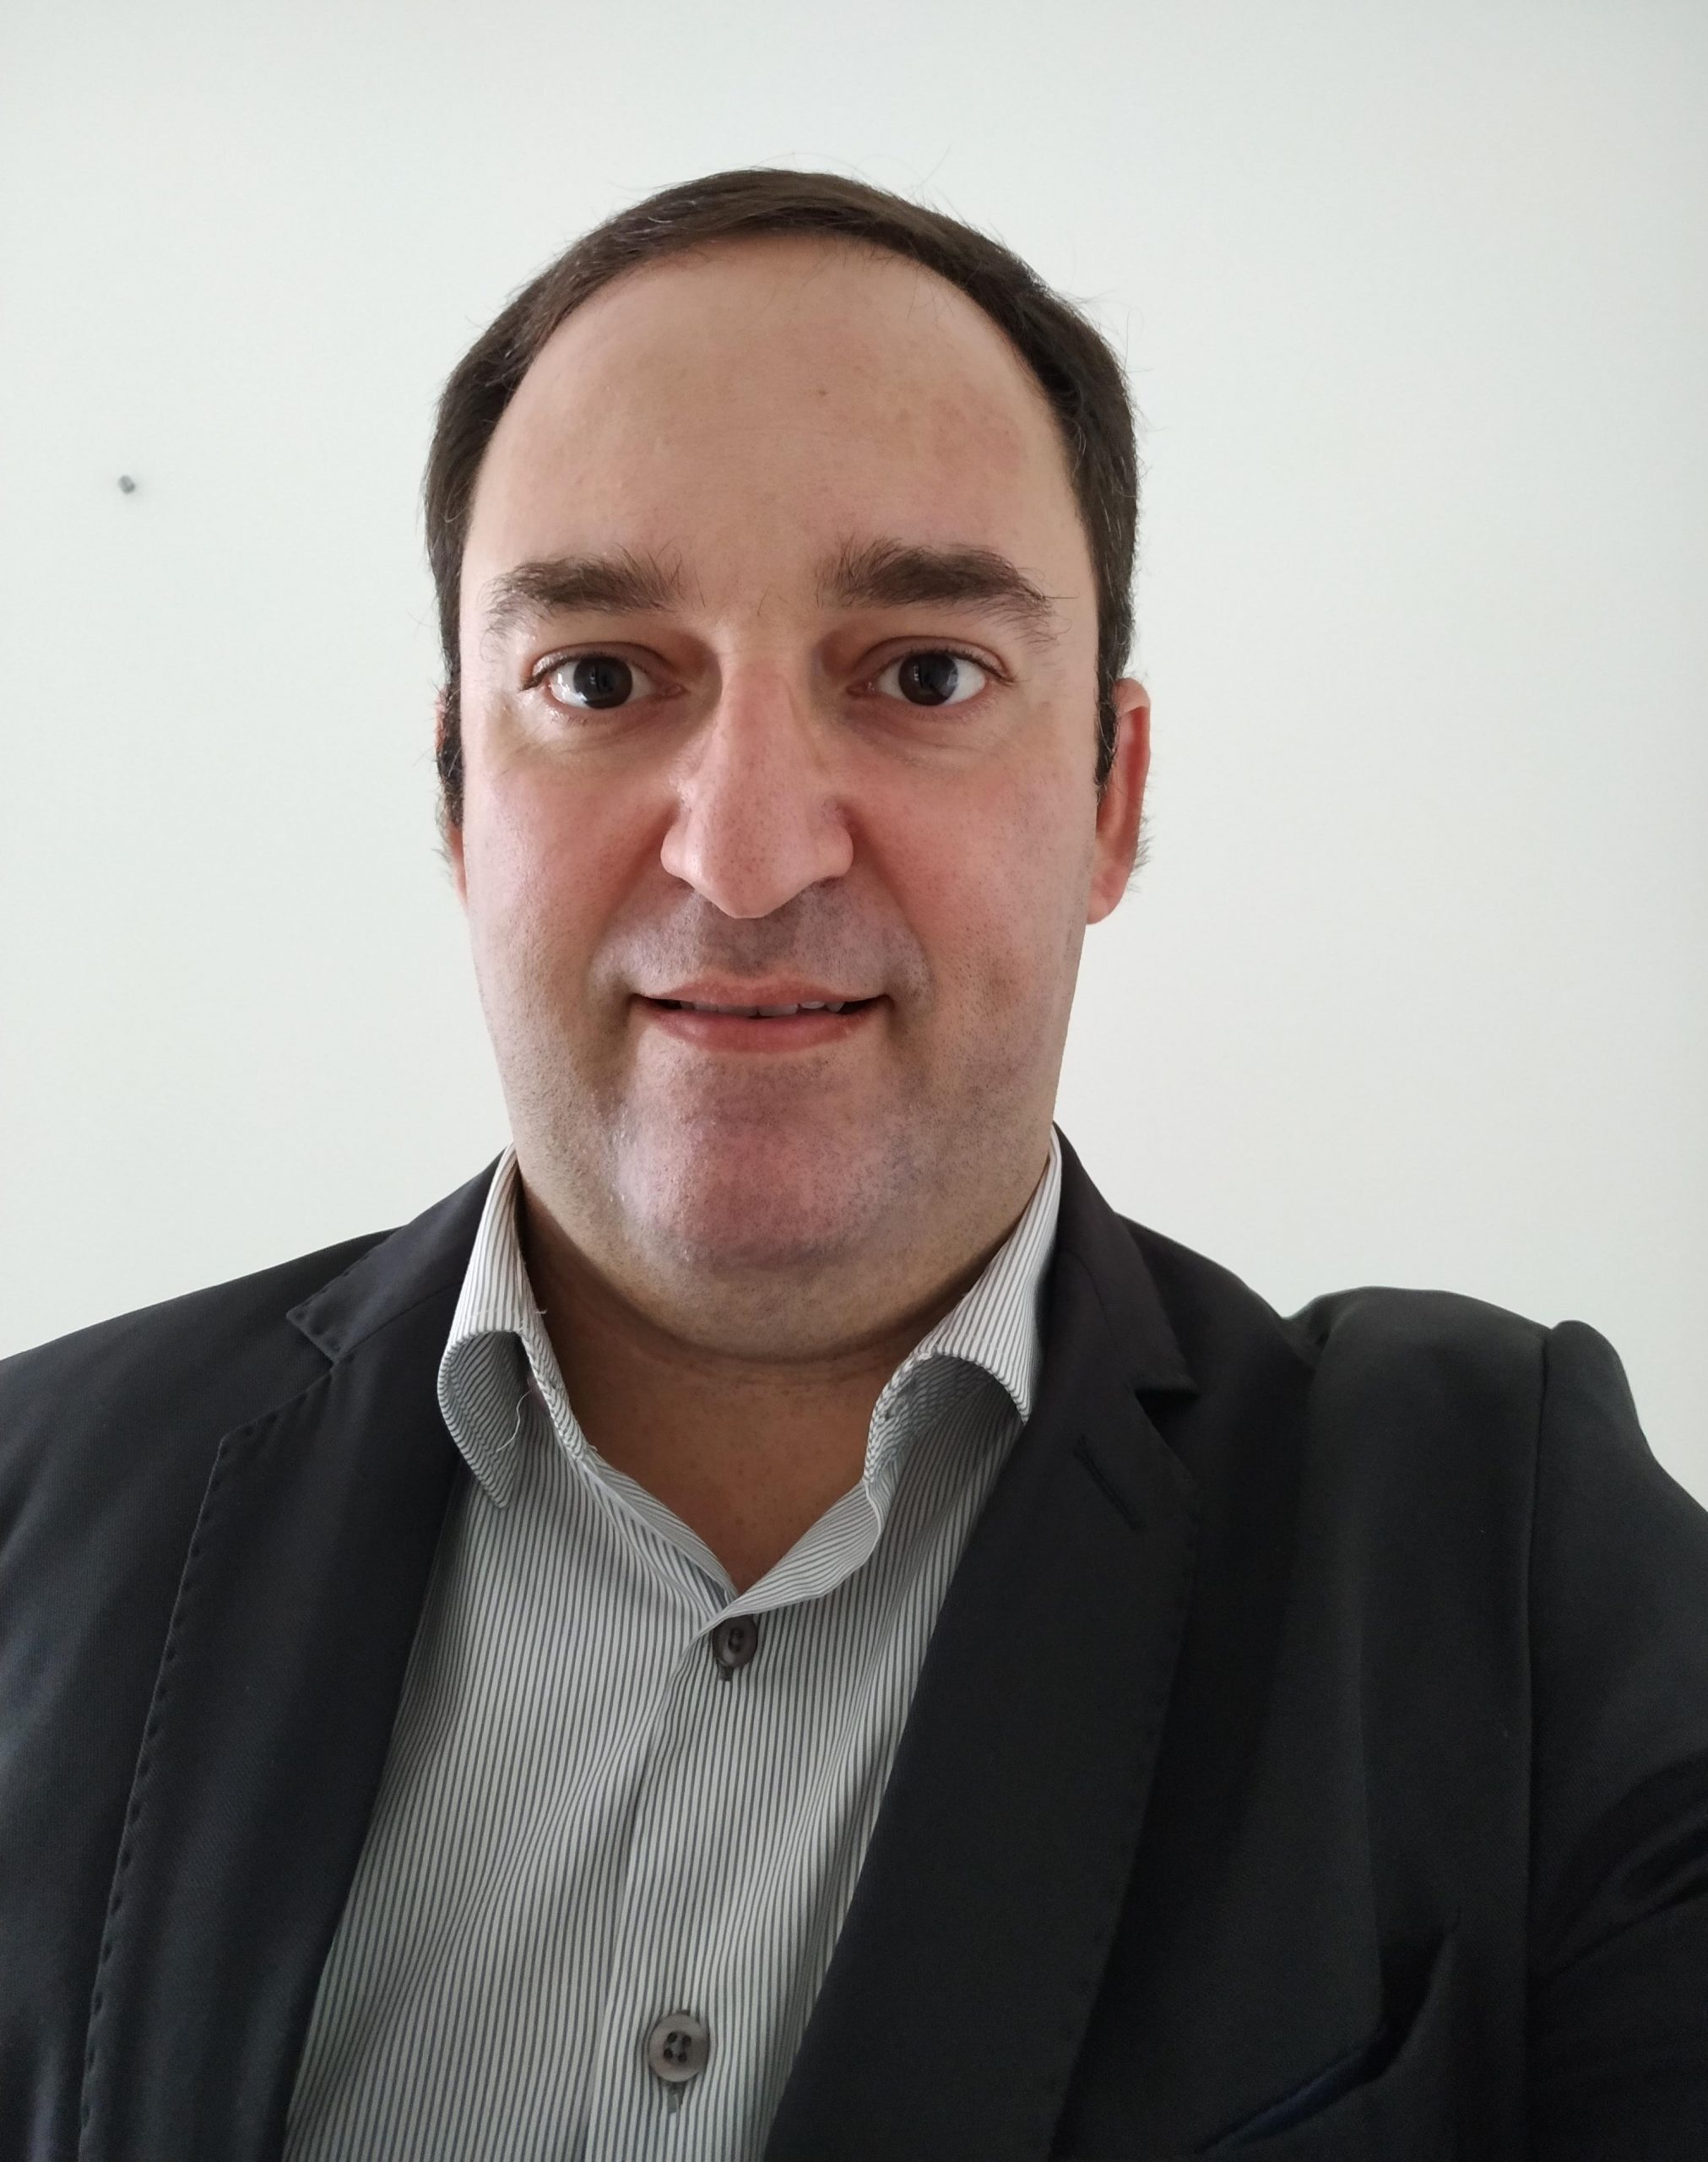 Carlos Eduardo Freire Oliveira